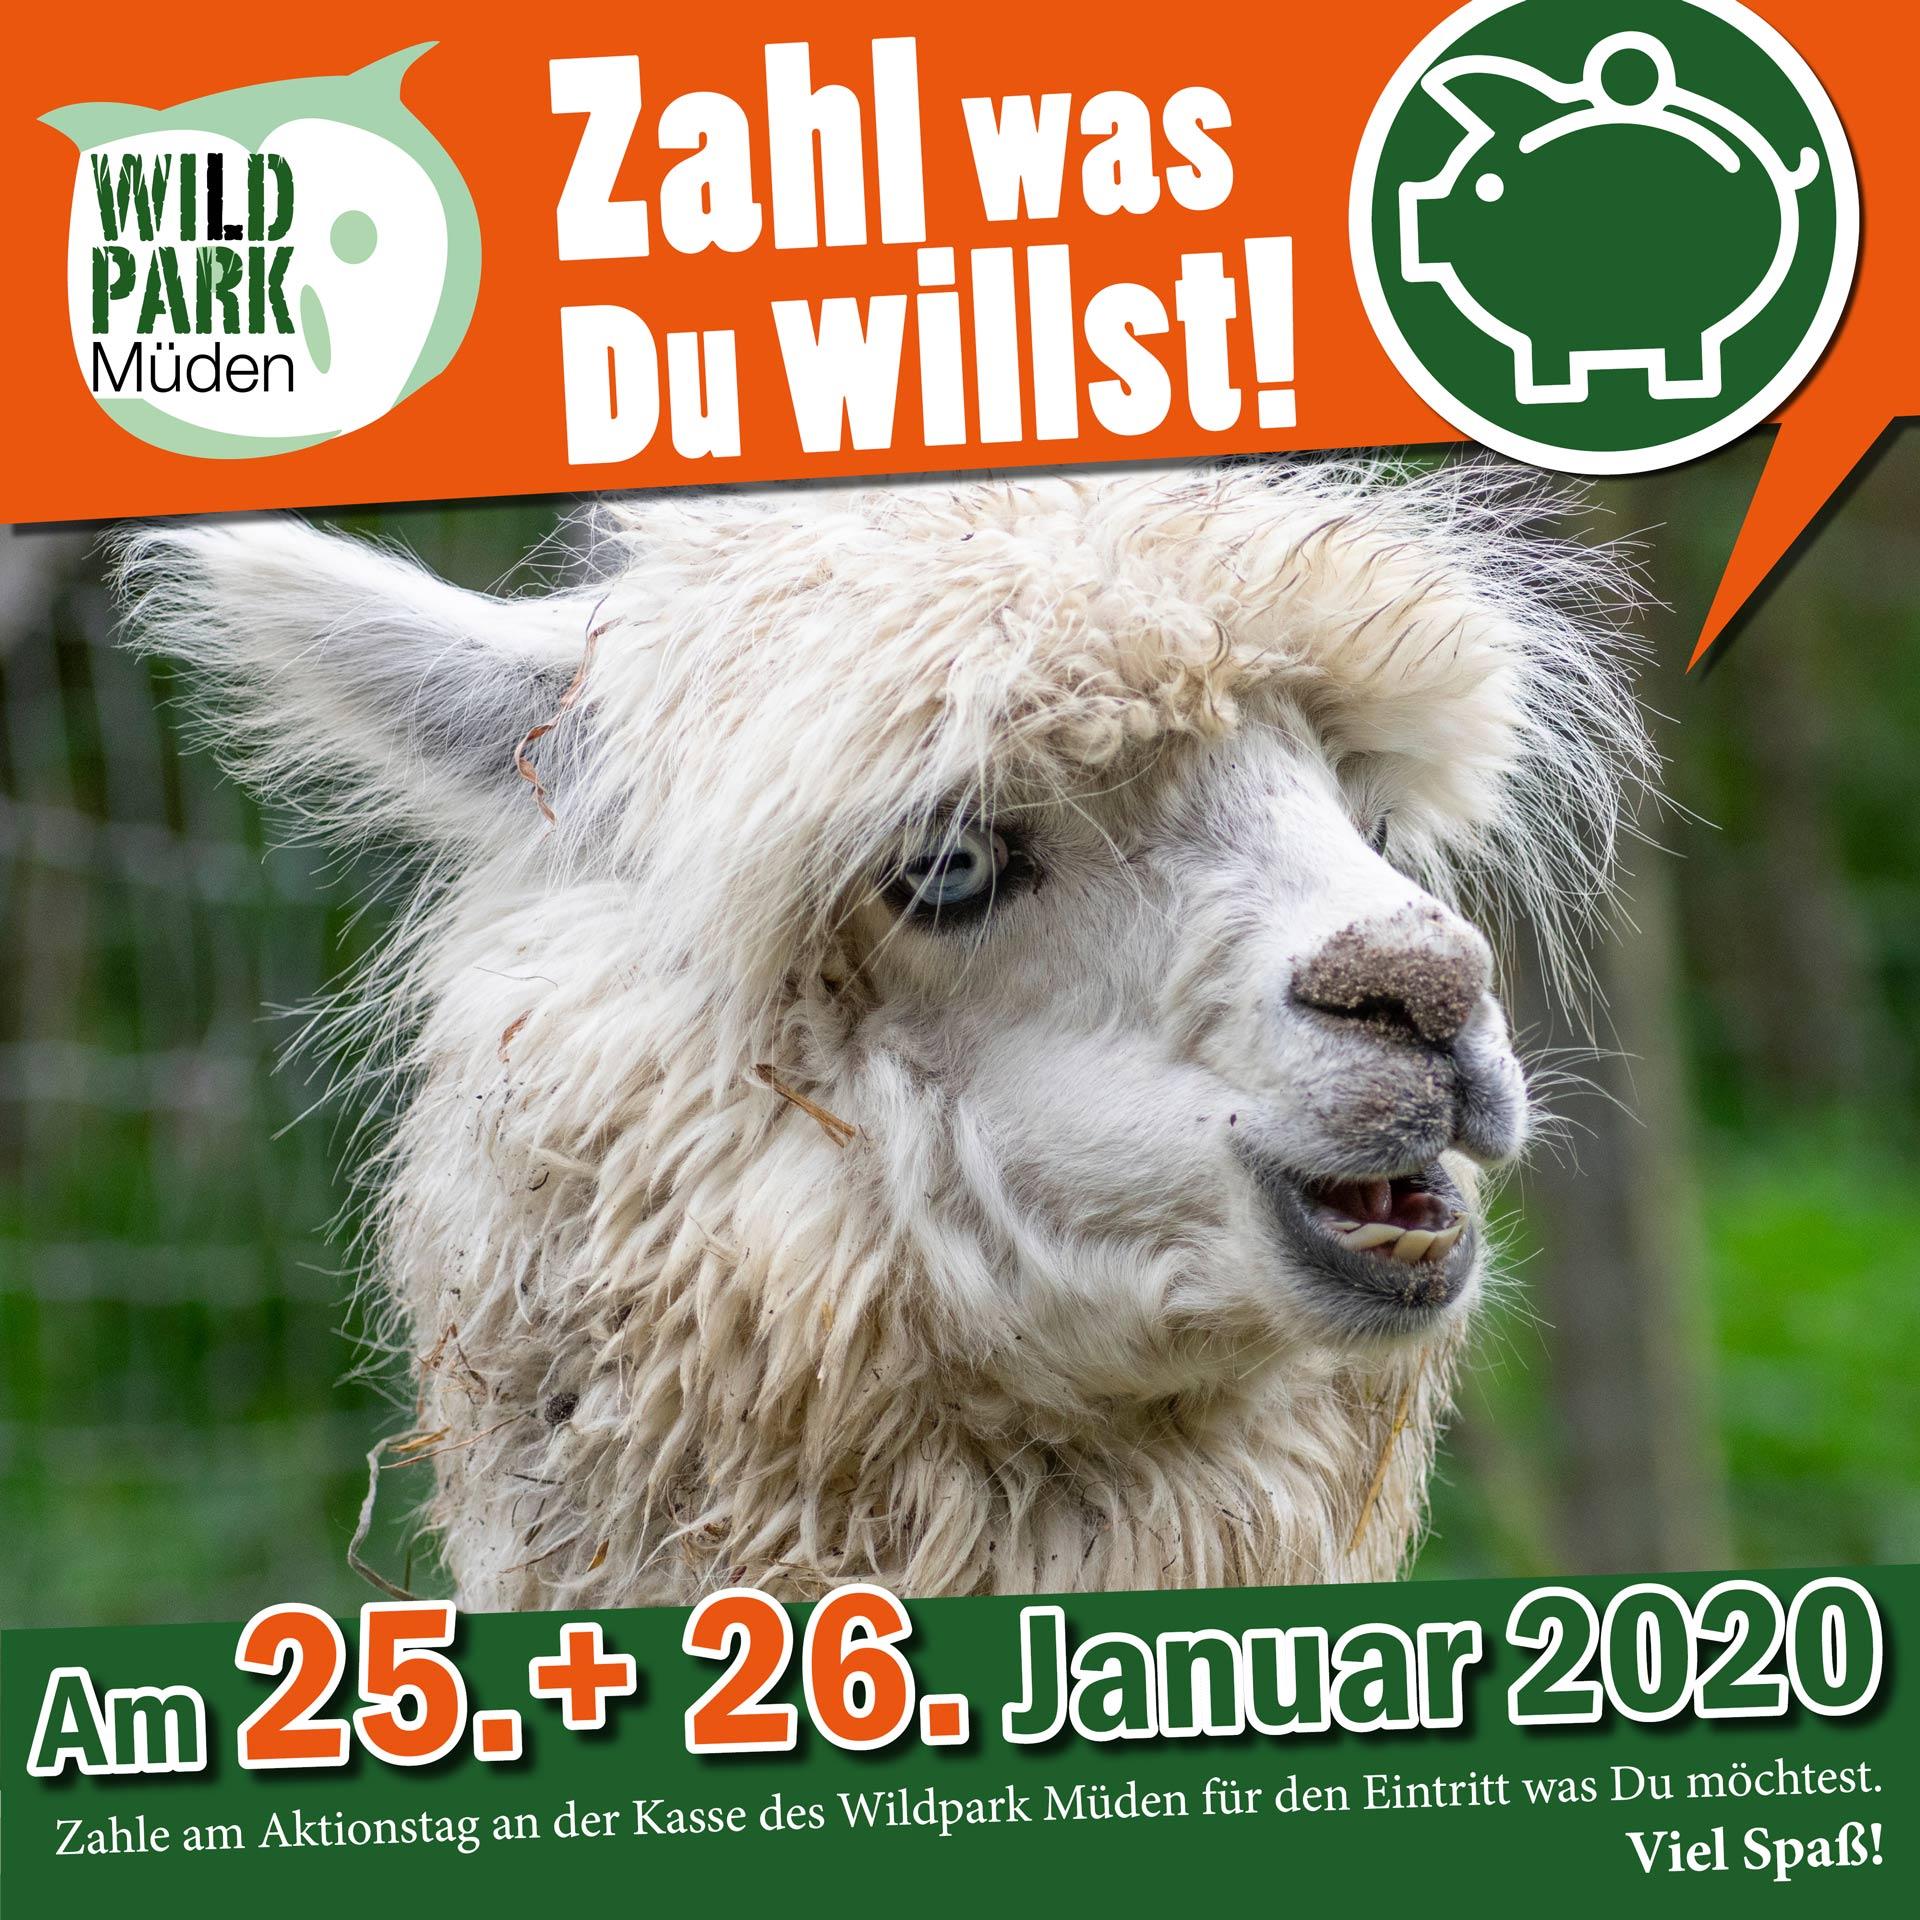 Zahl was du willst Wildpark Müden